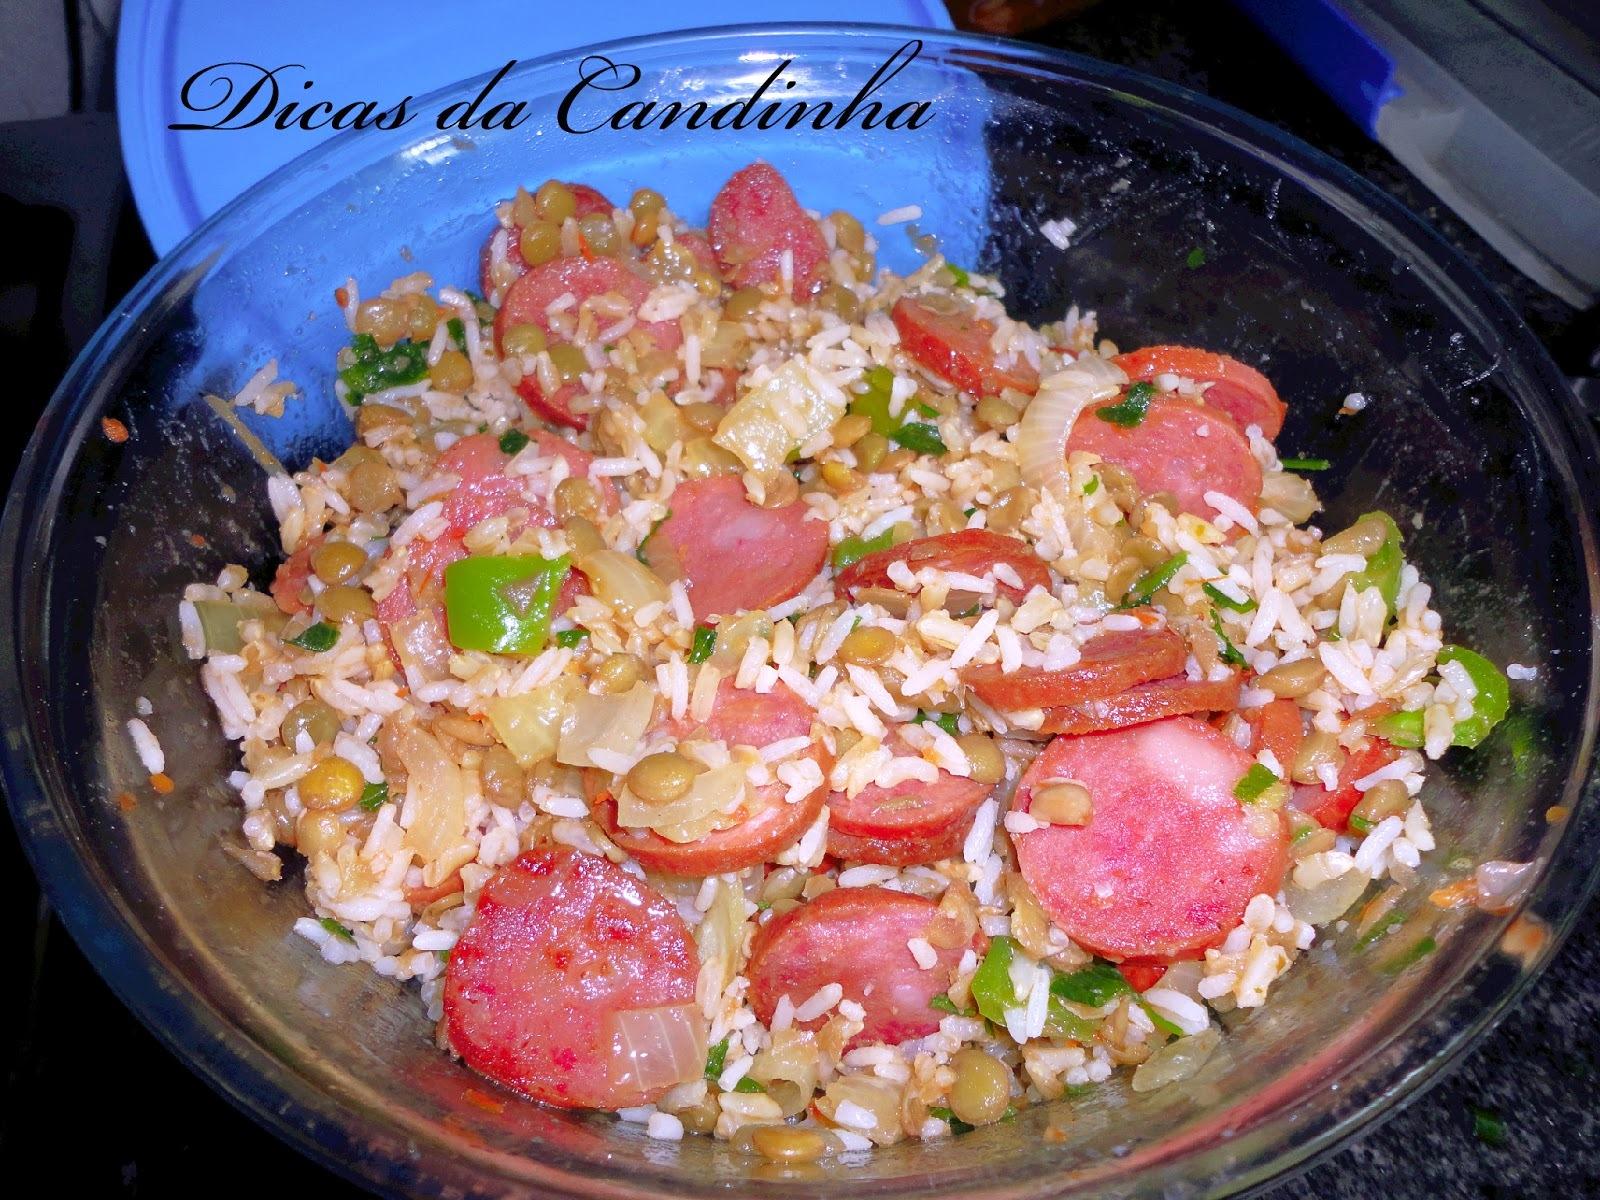 de arroz com lentilha e calabresa na panela de arroz